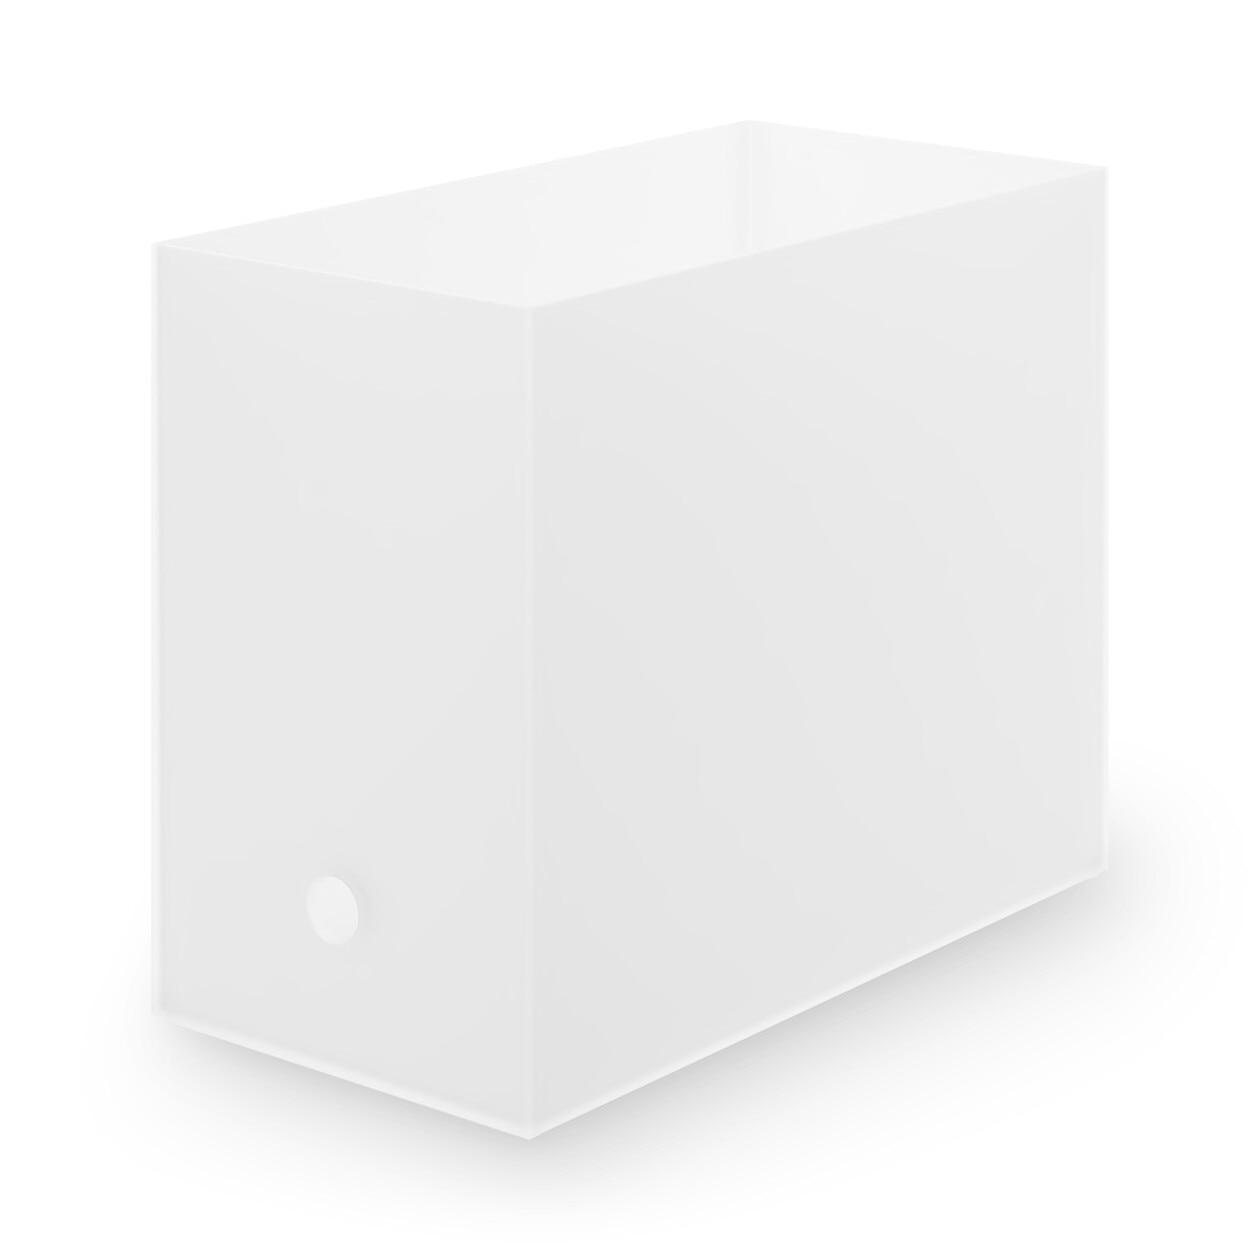 ポリプロピレンファイルボックス・スタンダードタイプ・ワイド・A4用 透過